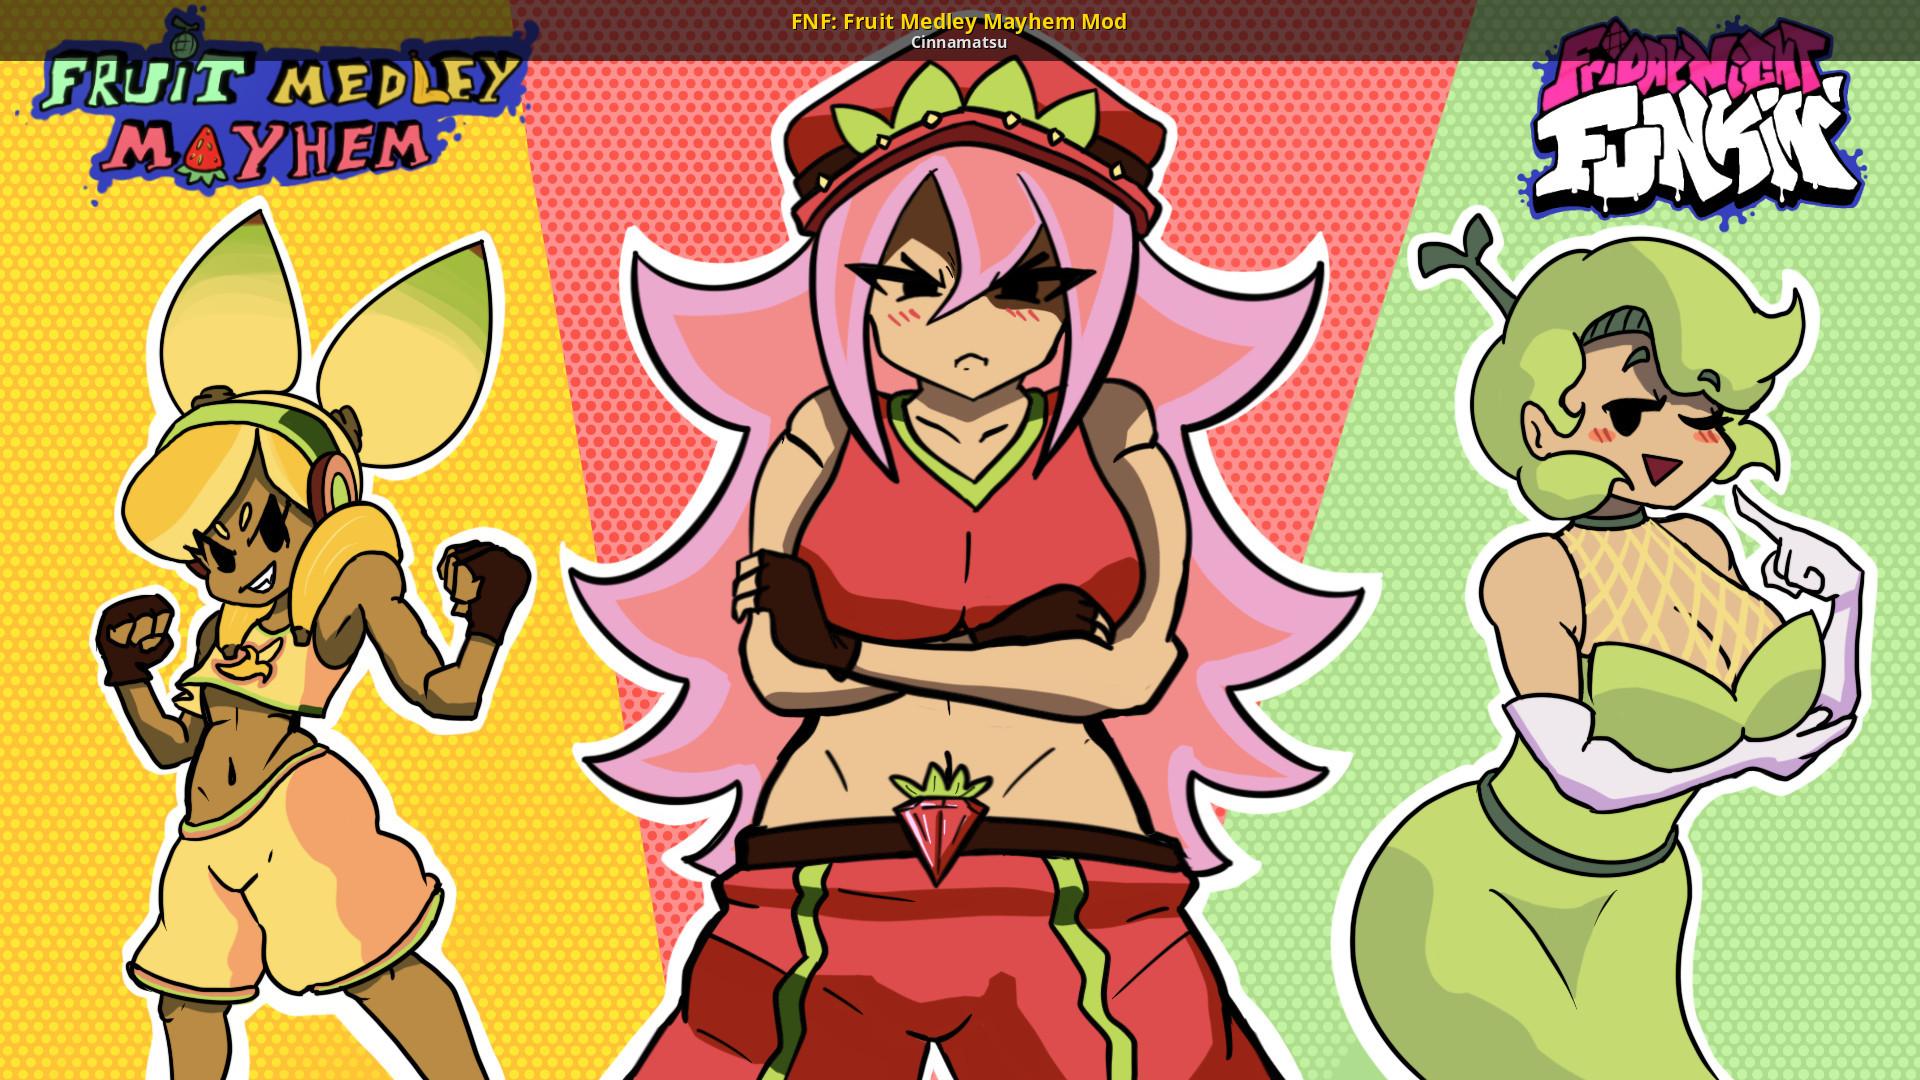 VS Fruit Medley